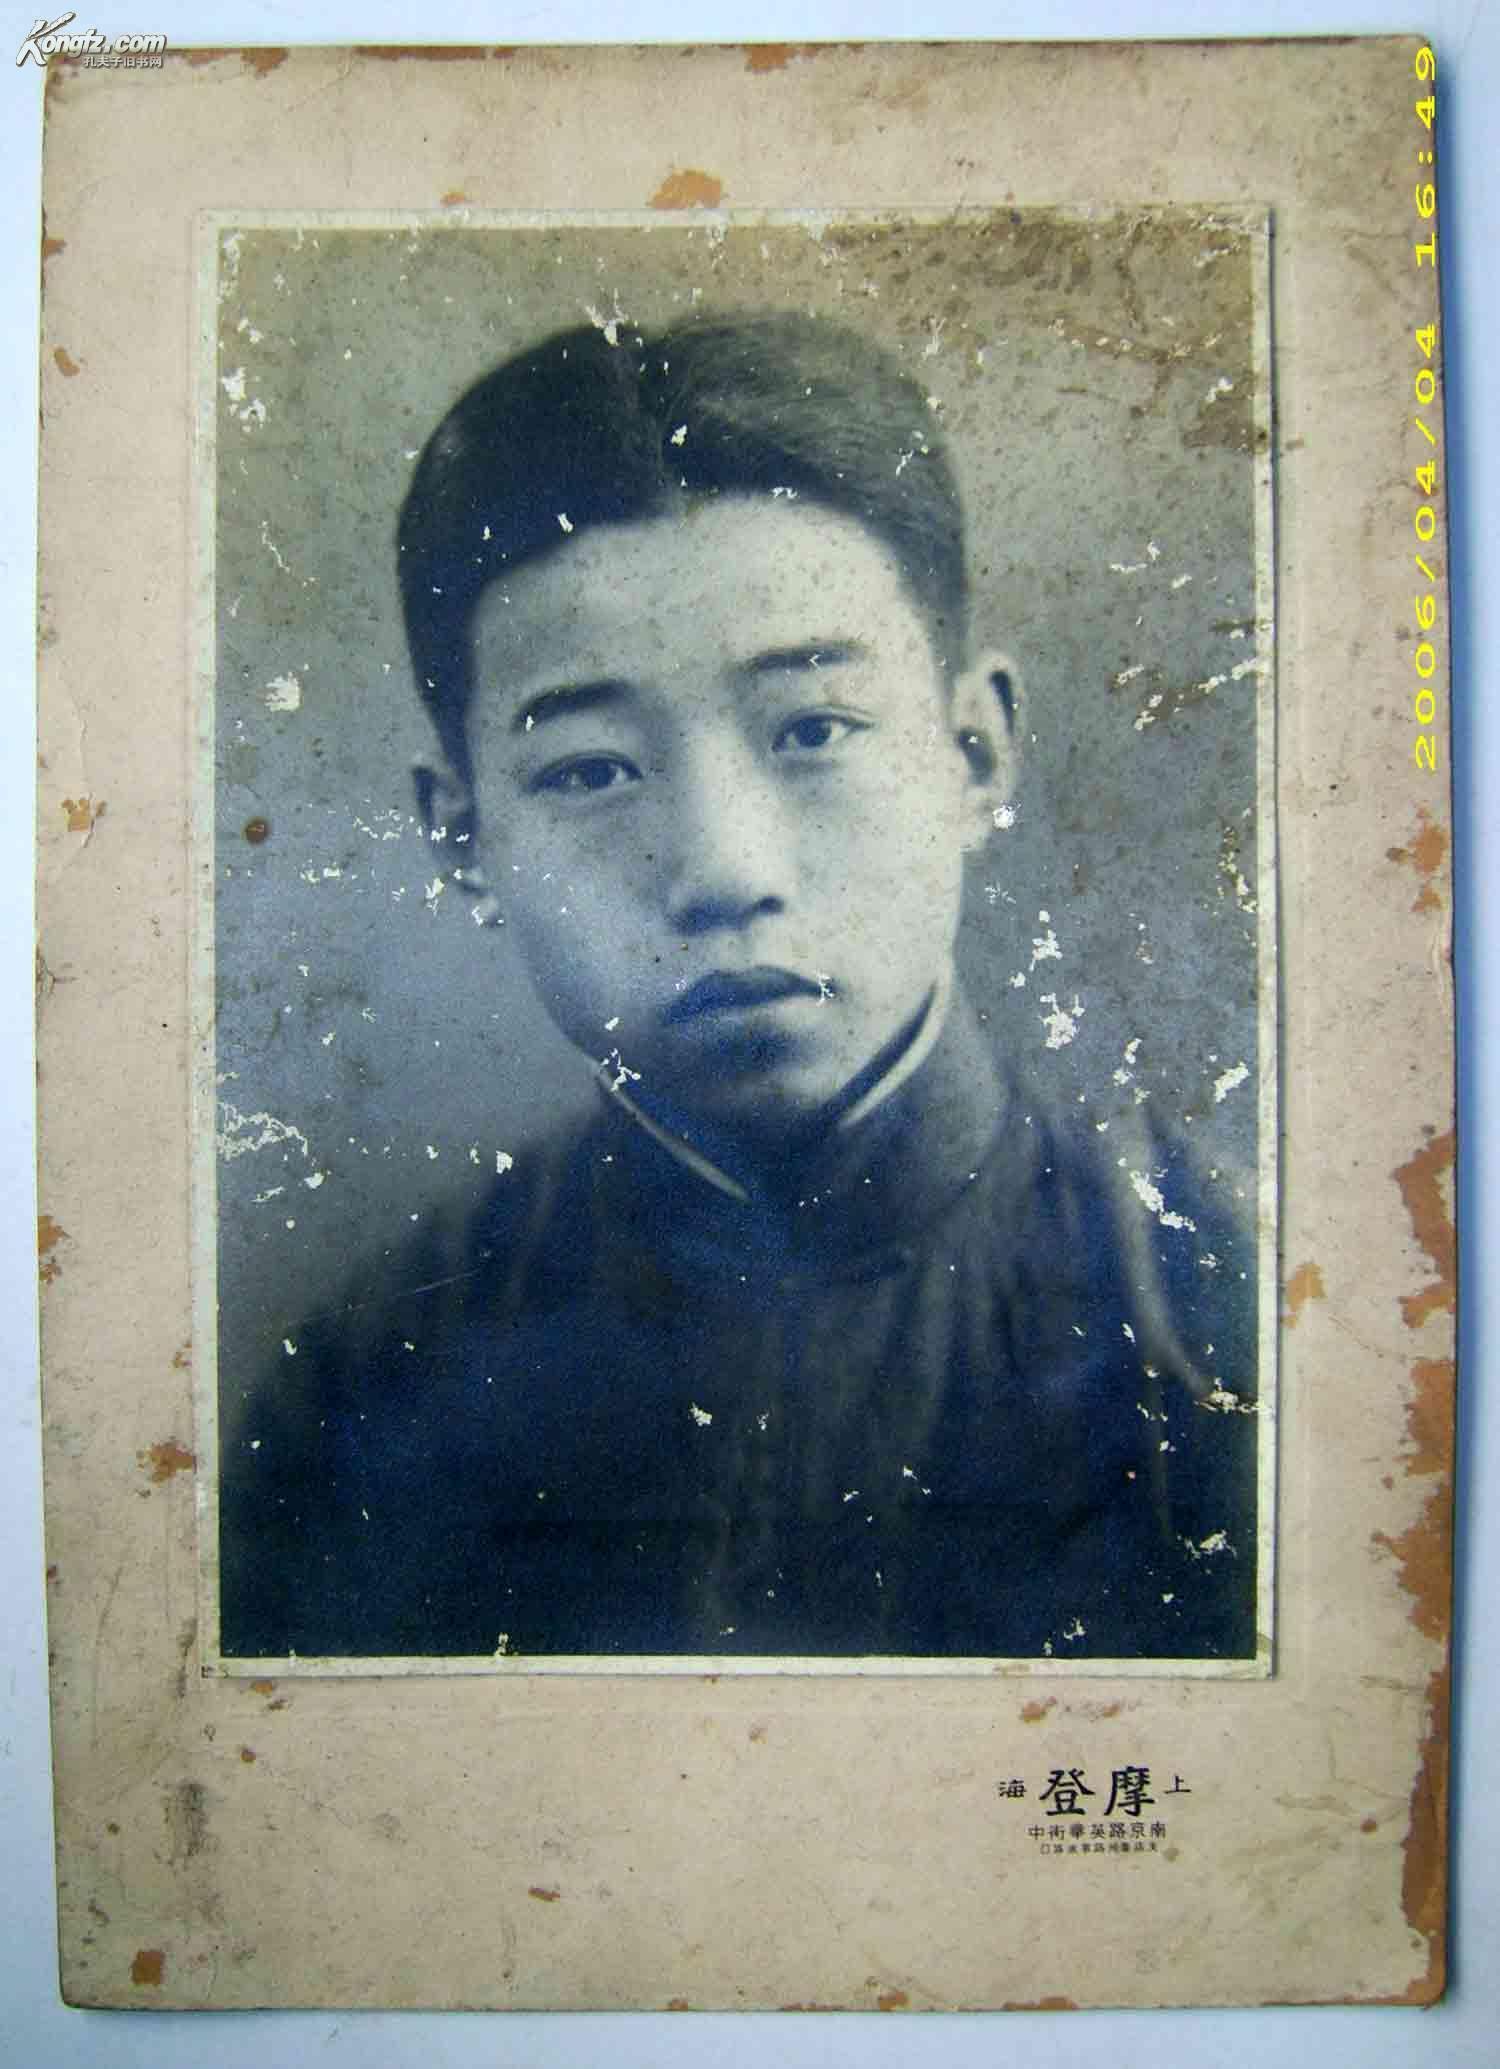 民国老照片 少见民国青年照片3张 上海摩登照相馆摄 尺寸23.5 18厘米